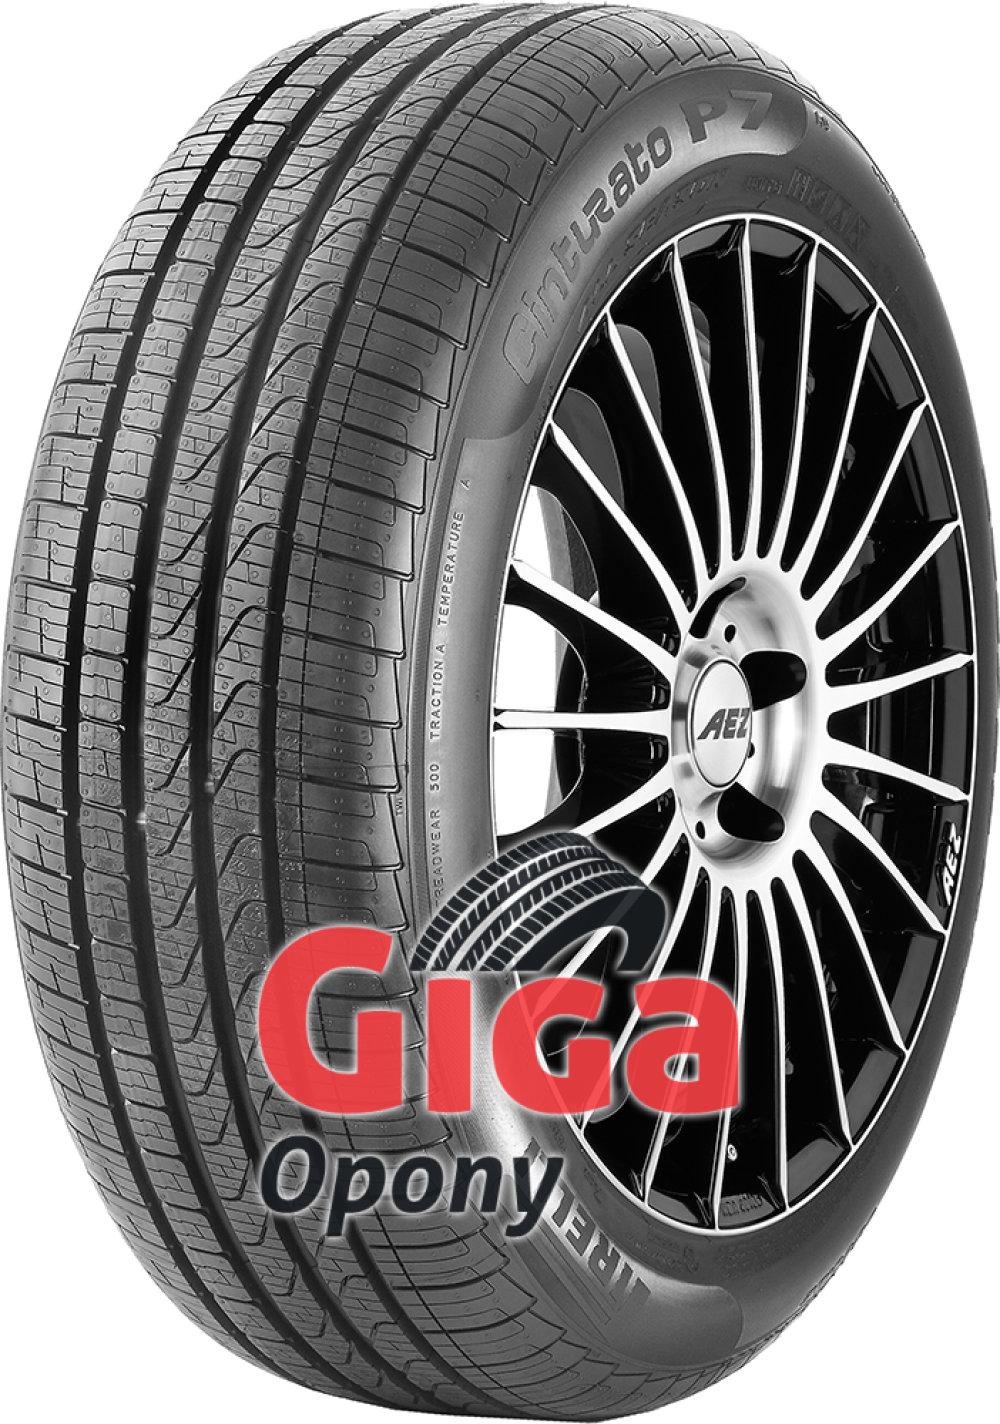 Pirelli Cinturato P7 A/S ( 275/40 R20 106V XL , N0 )